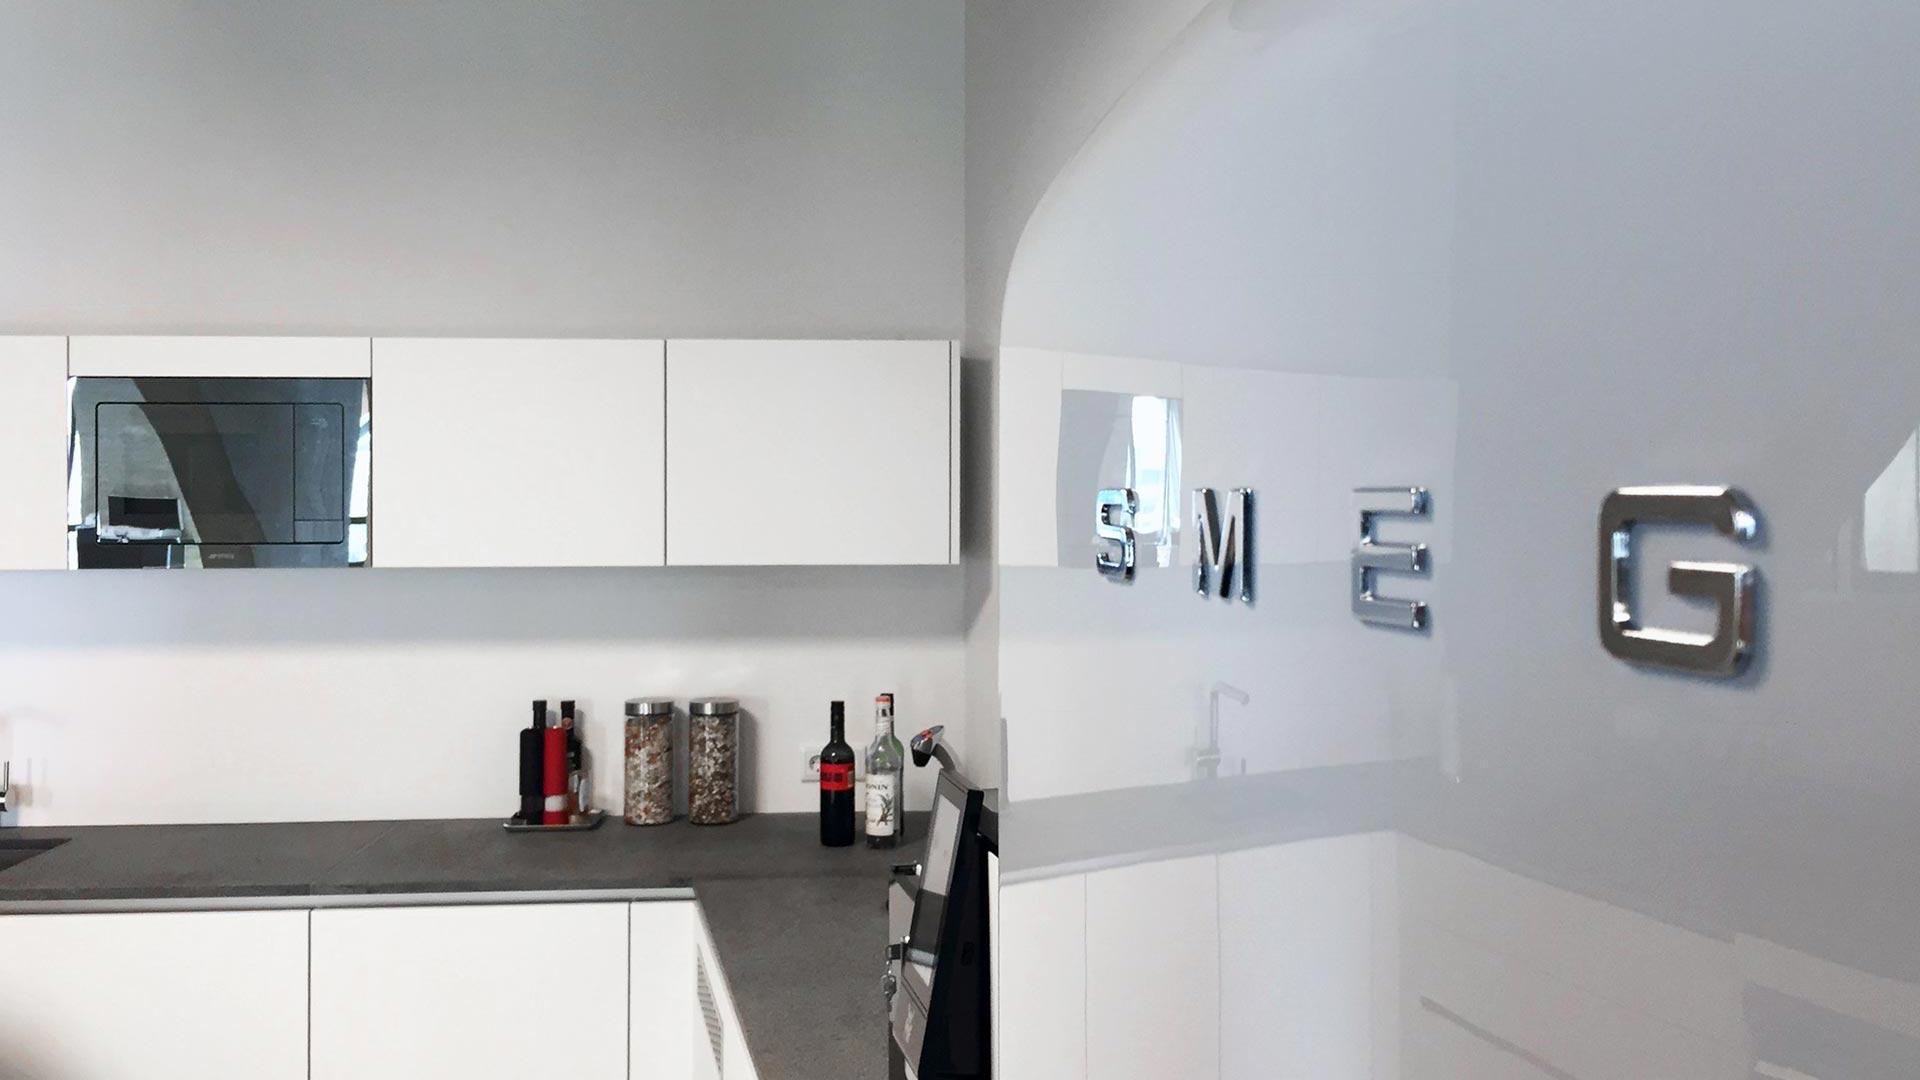 SMEG Kühlschrank im Workspace bei steidten+ Berlin